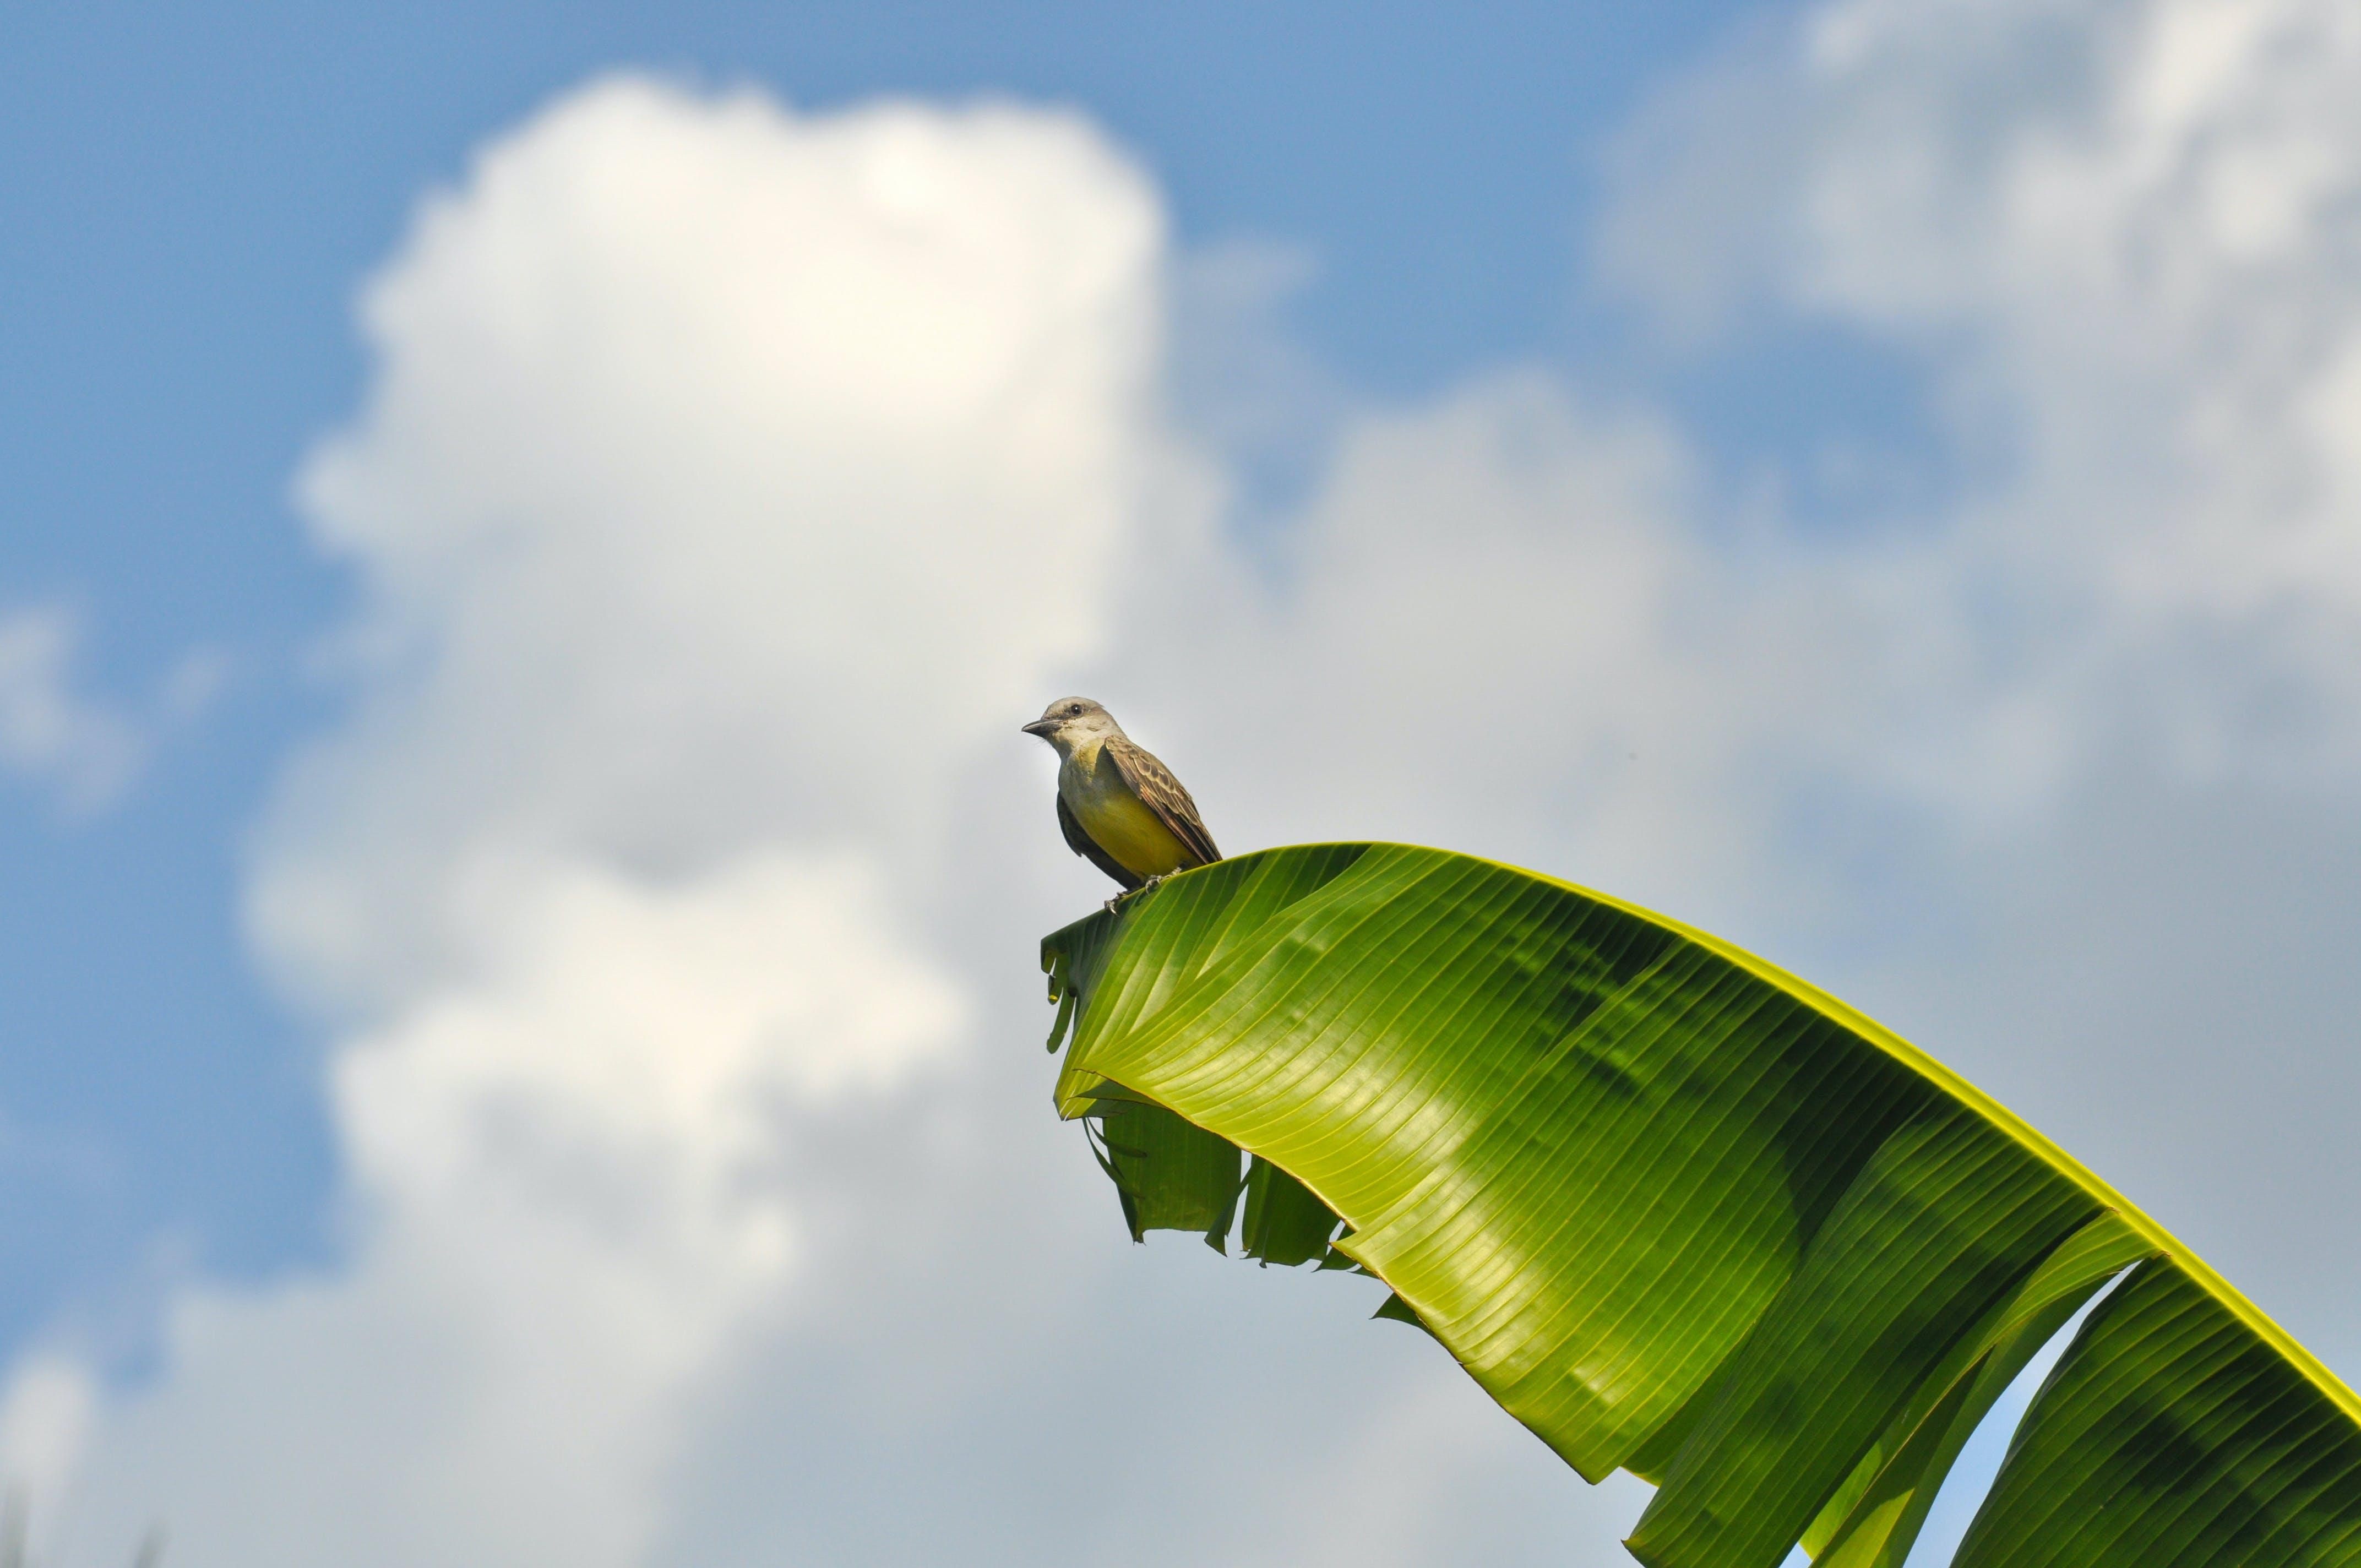 バナナの葉, 動物, 小さい